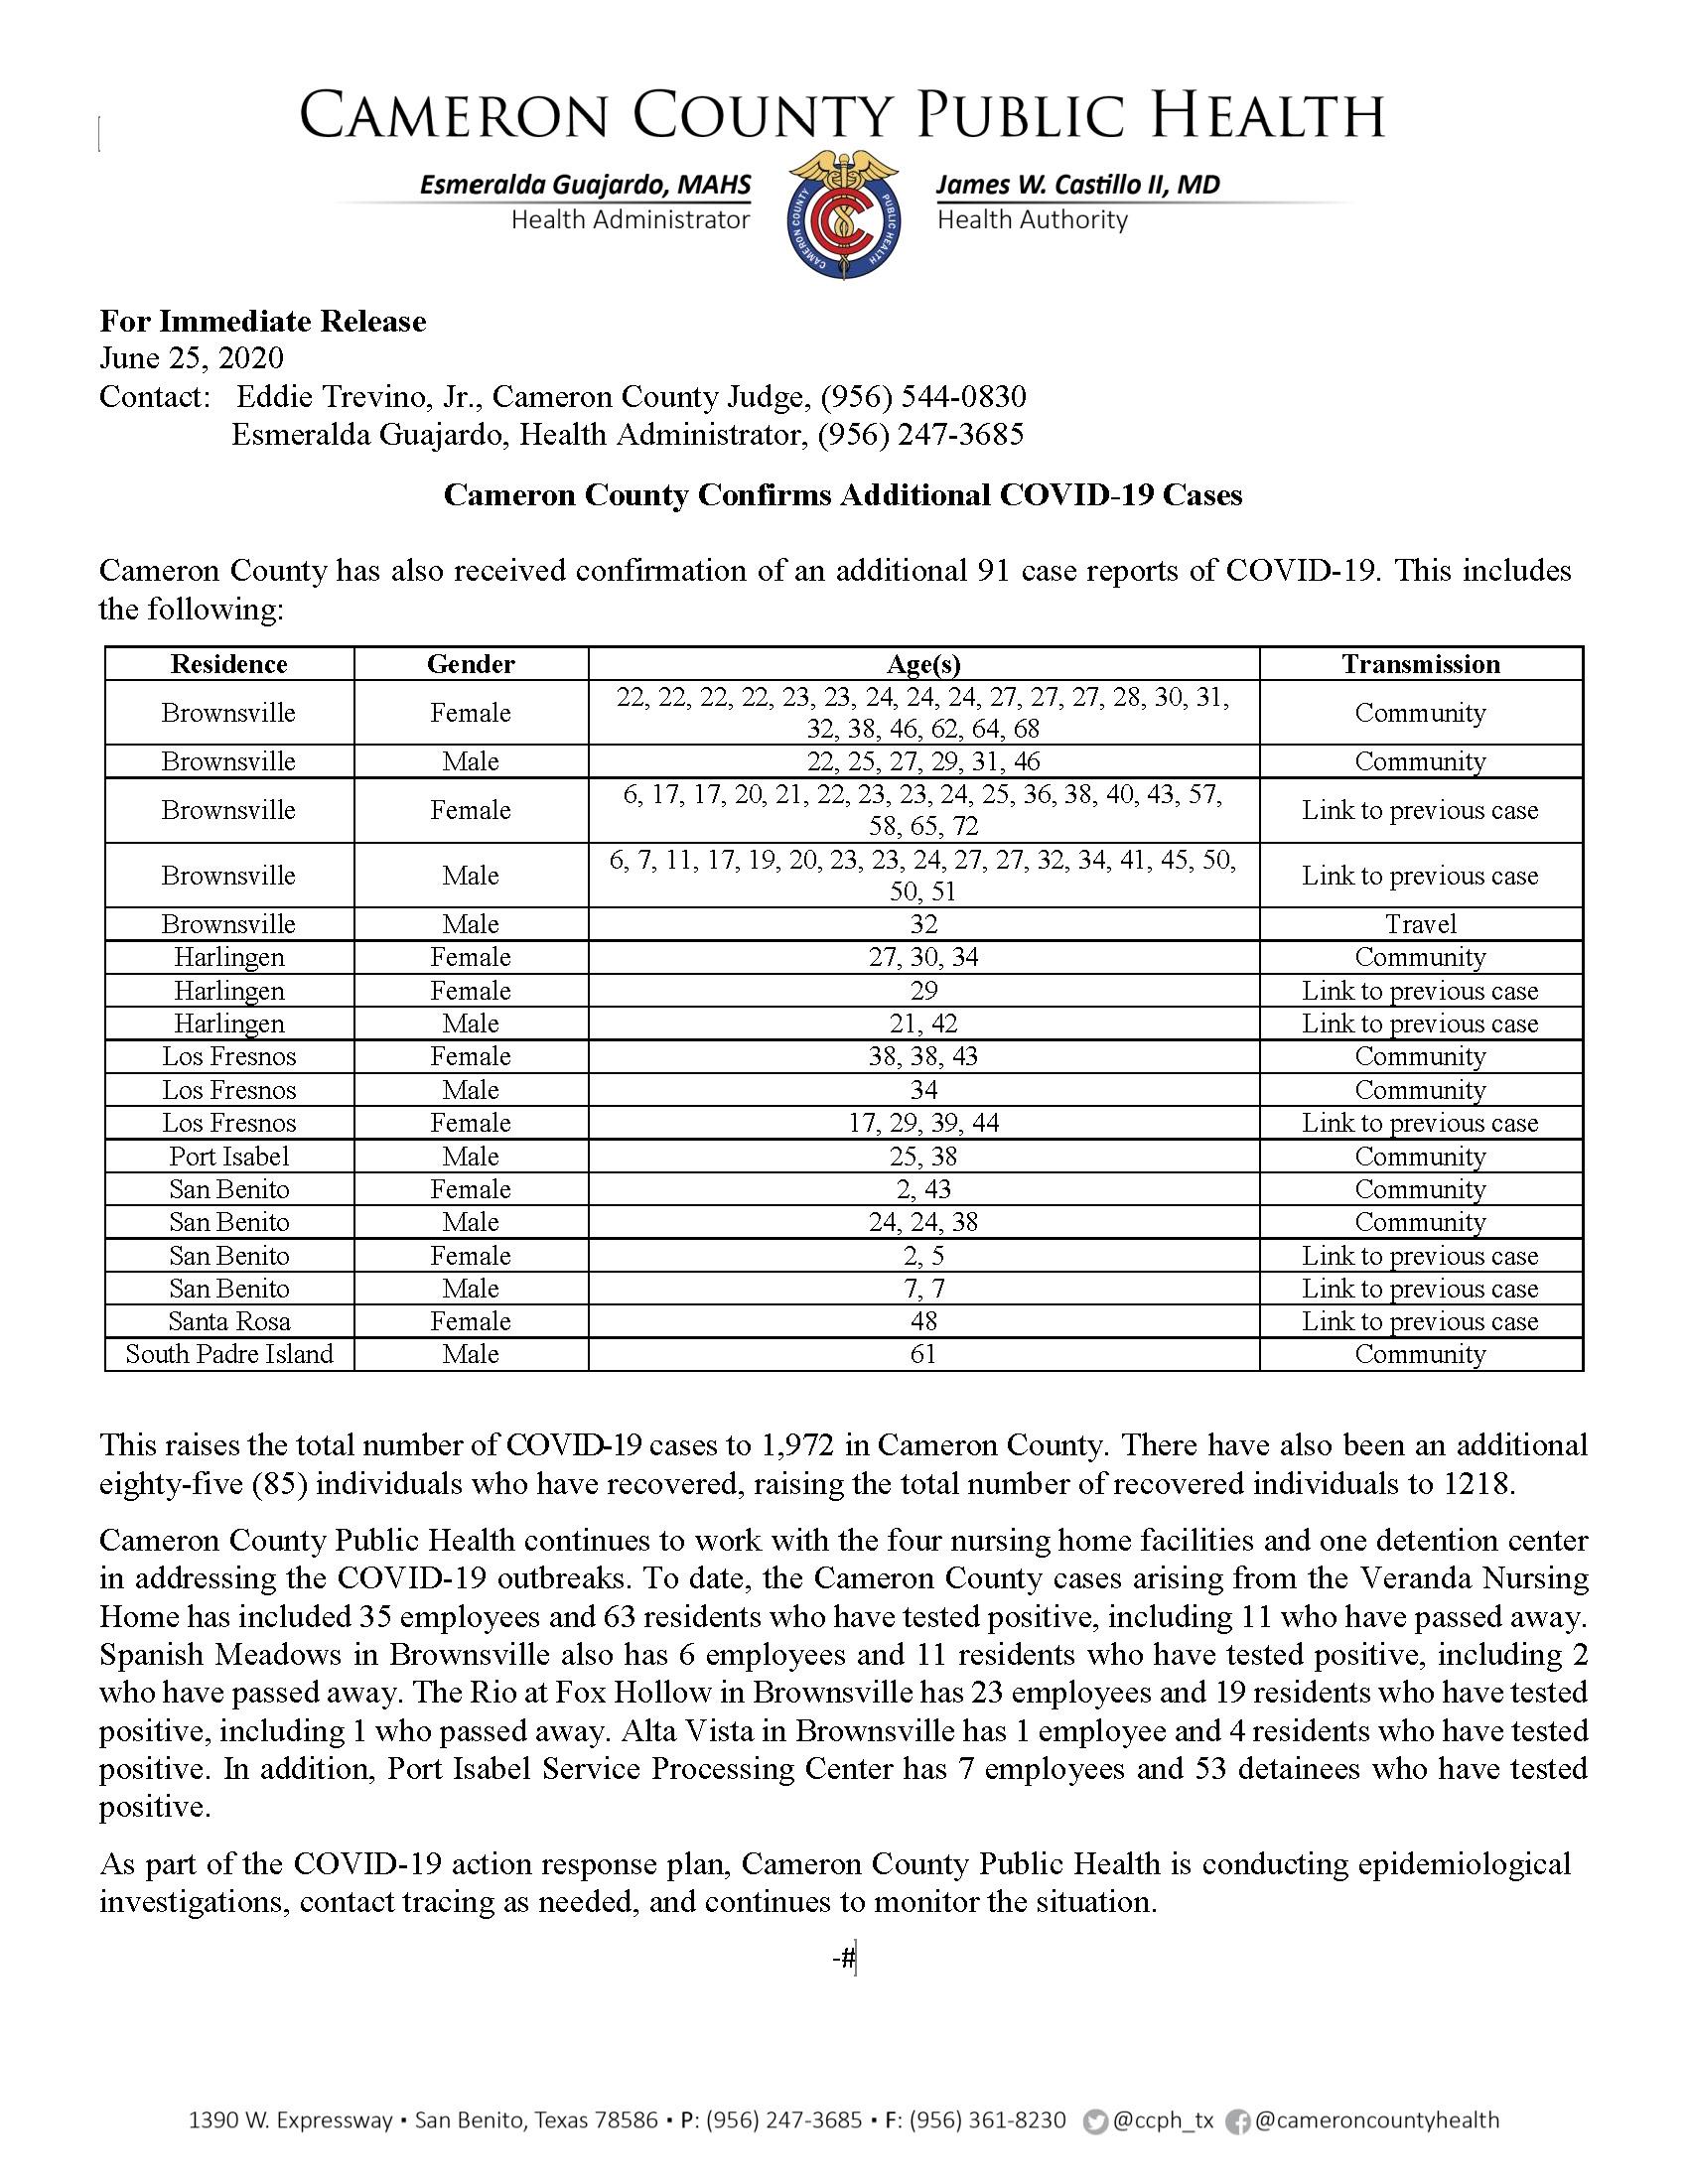 COVID 19 Press Release 1882 1972 PR82 06.25.2020